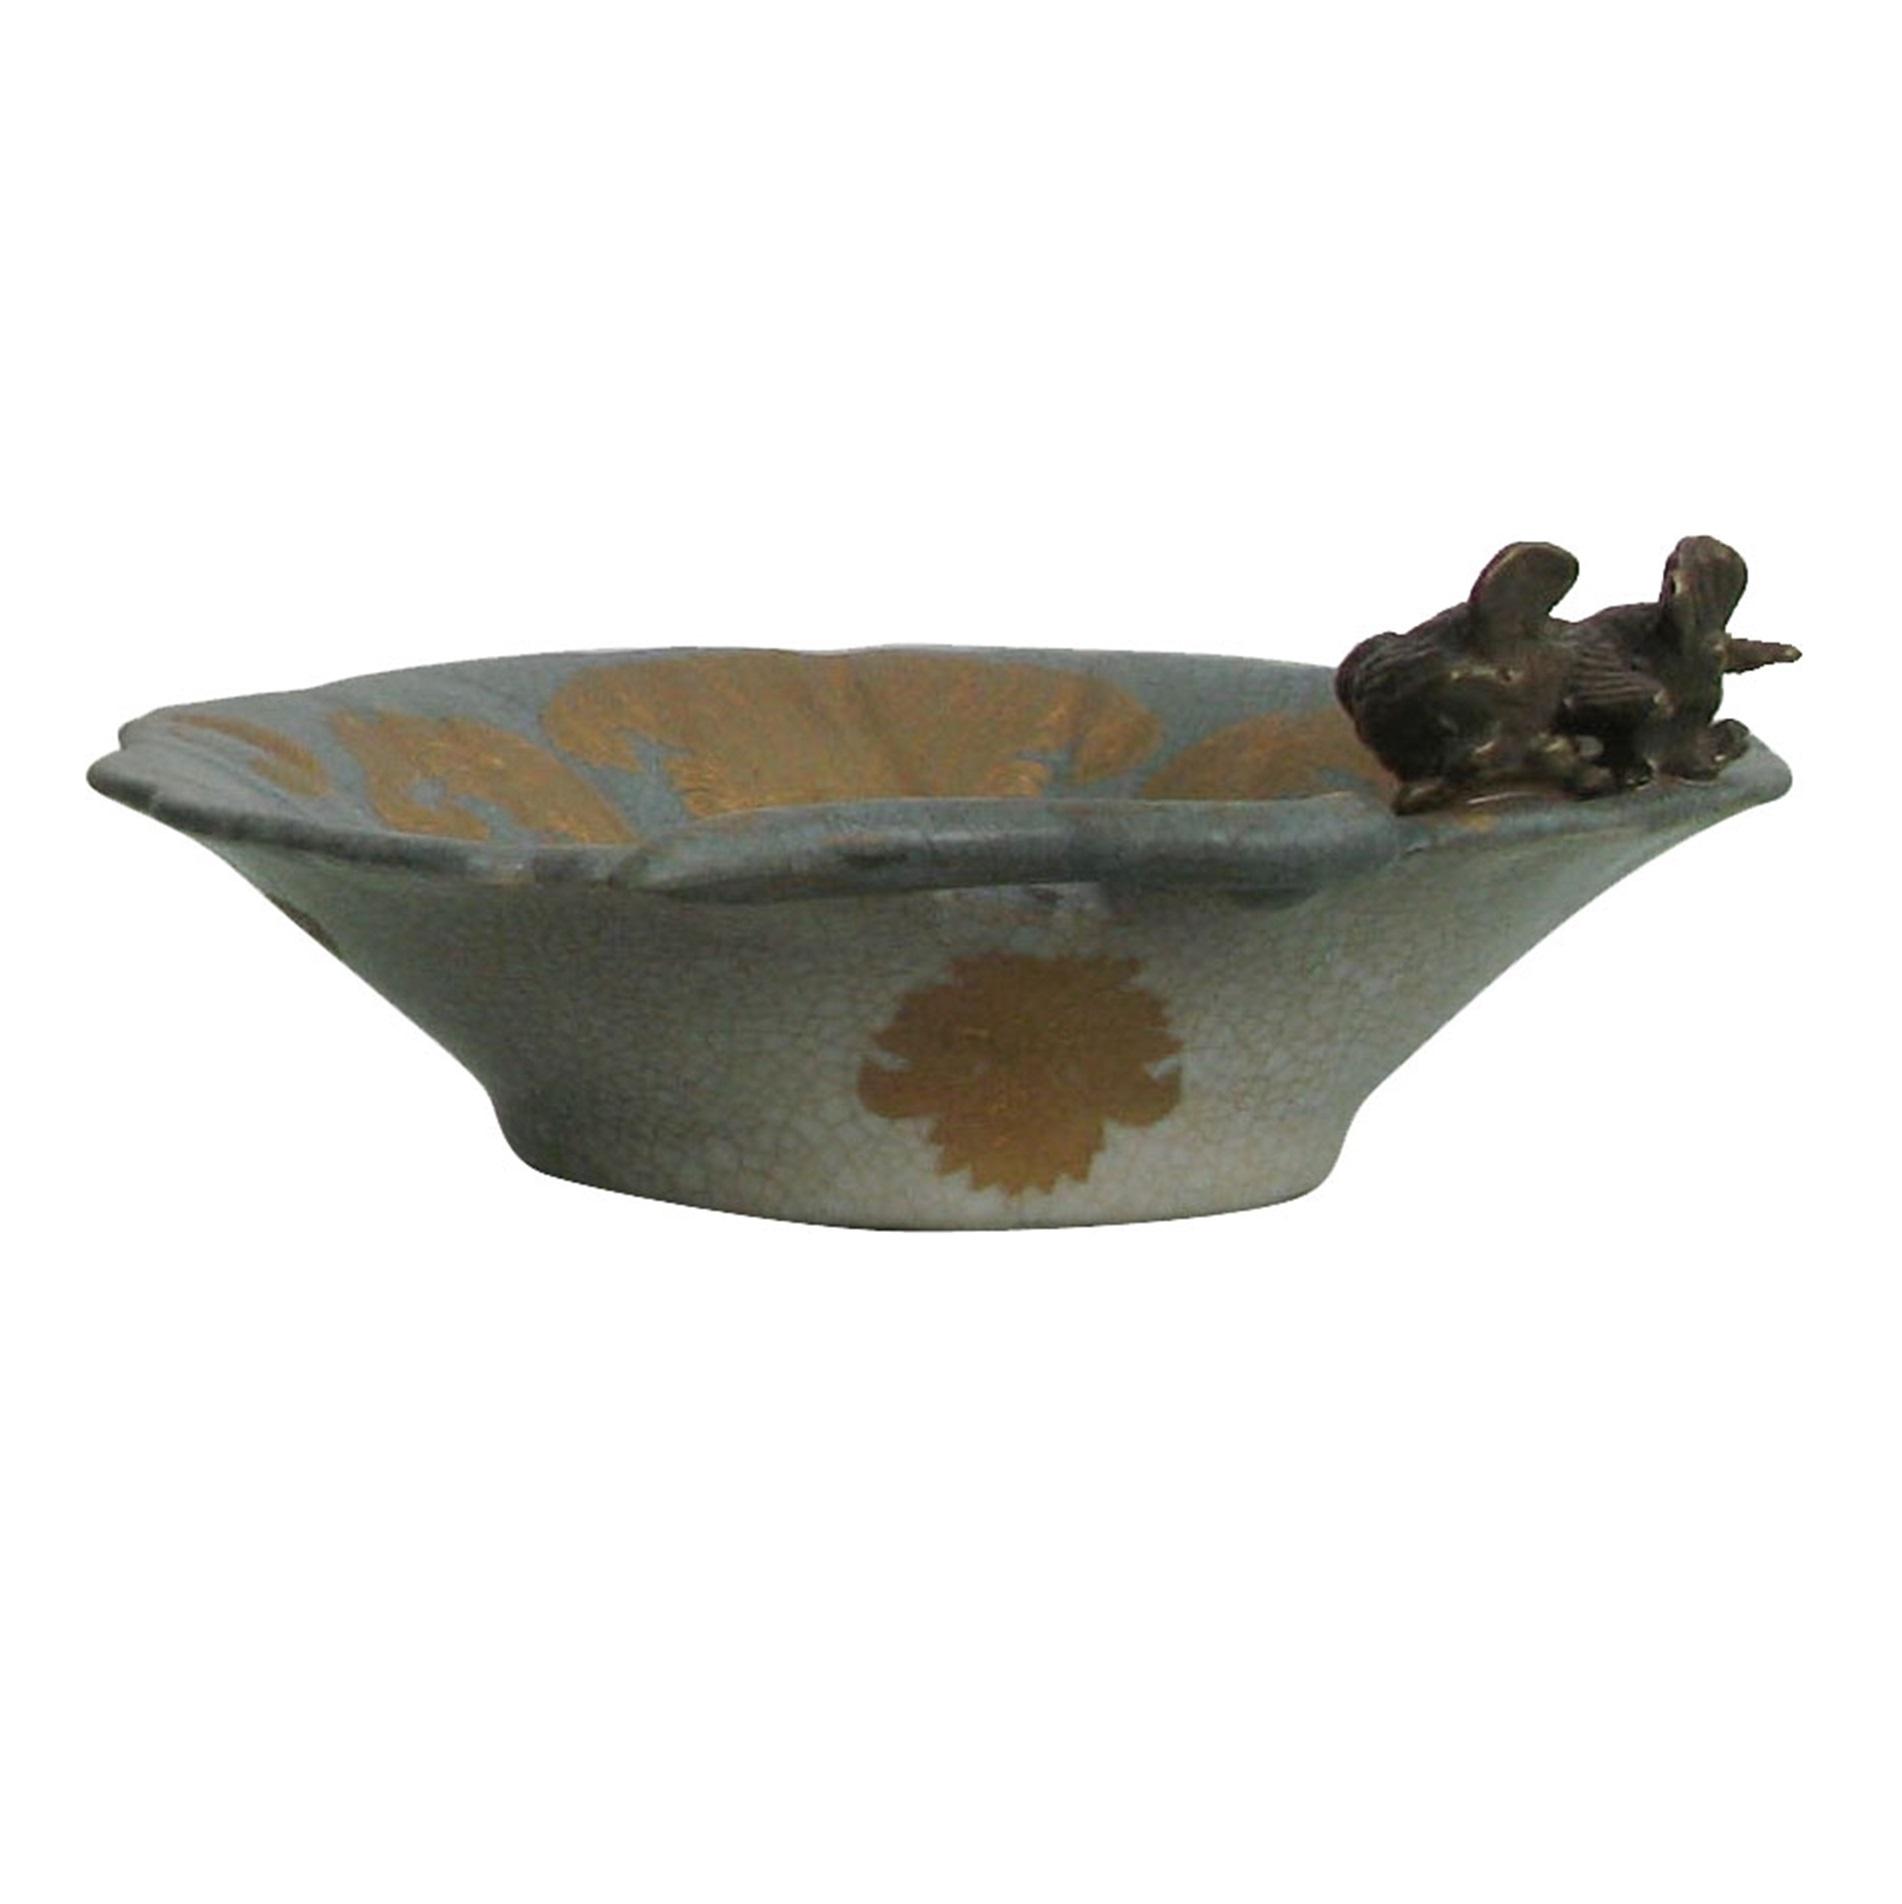 Фото - Блюдо с птичками Glasar 15x15x6см столик приставной glasar серебристого цвета с золотыми птичками на ветке 43x43x71 см